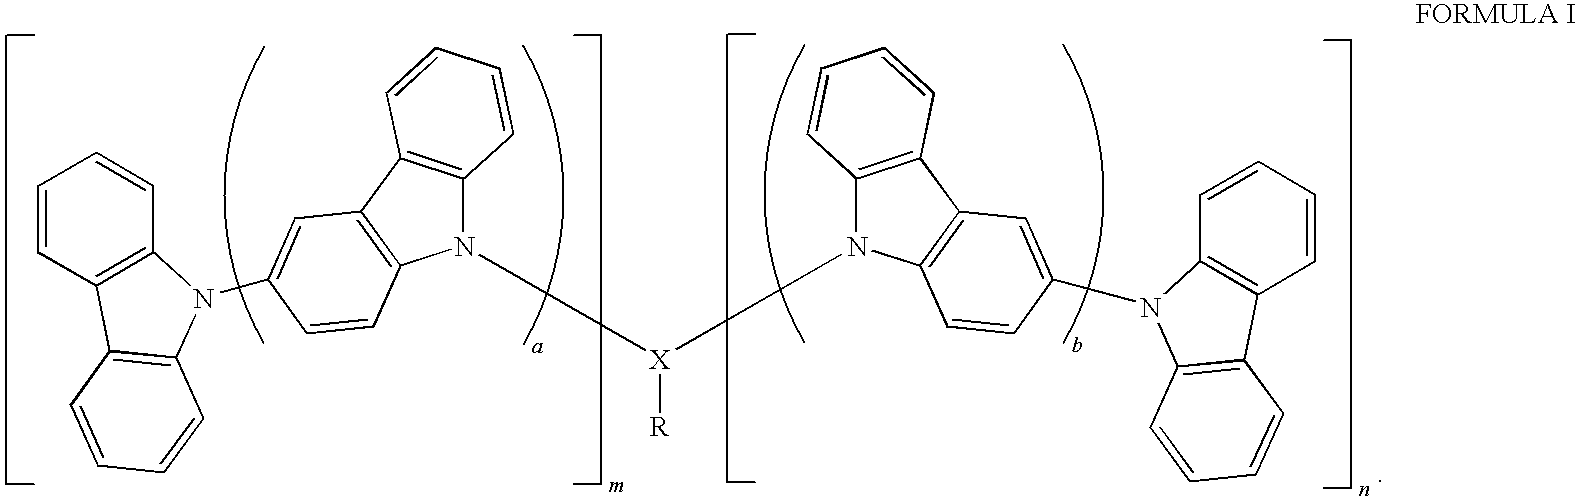 Figure US08221905-20120717-C00002